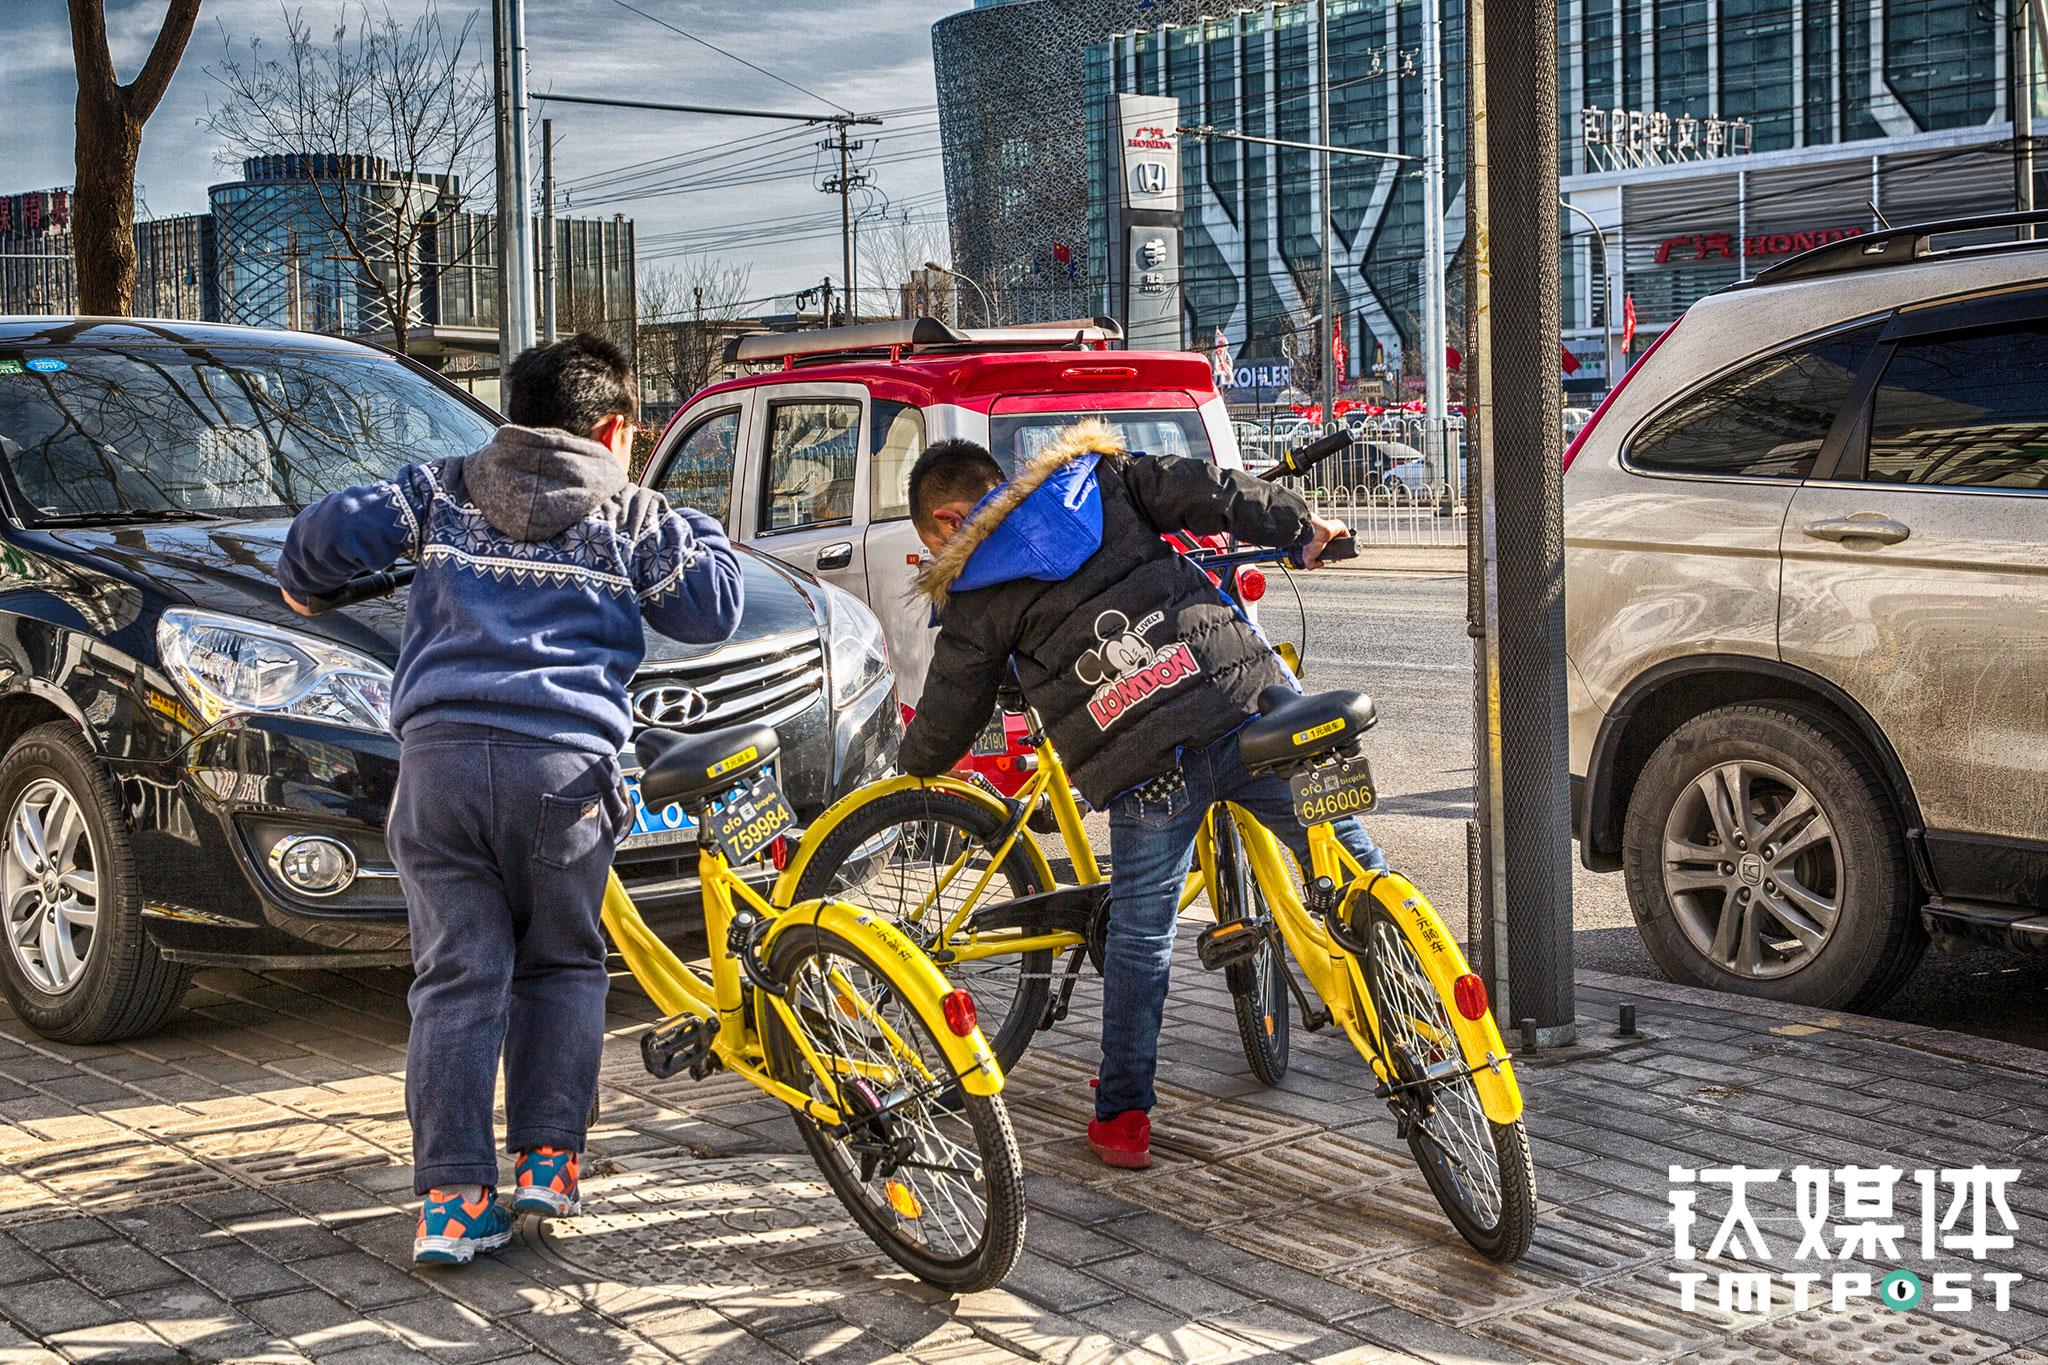 """朝阳路,两个小学生尝试打开一辆停在路边ofo的锁,""""有时候车锁一按就开了,有时候根本就没锁"""",俩人说,时不时能找可以打开锁的ofo,再骑着""""逛一逛""""。根据《道路安全管理条例》,未满十二岁的儿童被禁止在道路上骑自行车。虽然共享单车APP对未满12周岁的注册者进行了限制,但仅此一条似乎难以阻止类似情况的出现,而其背后则是难以忽视的安全问题。"""